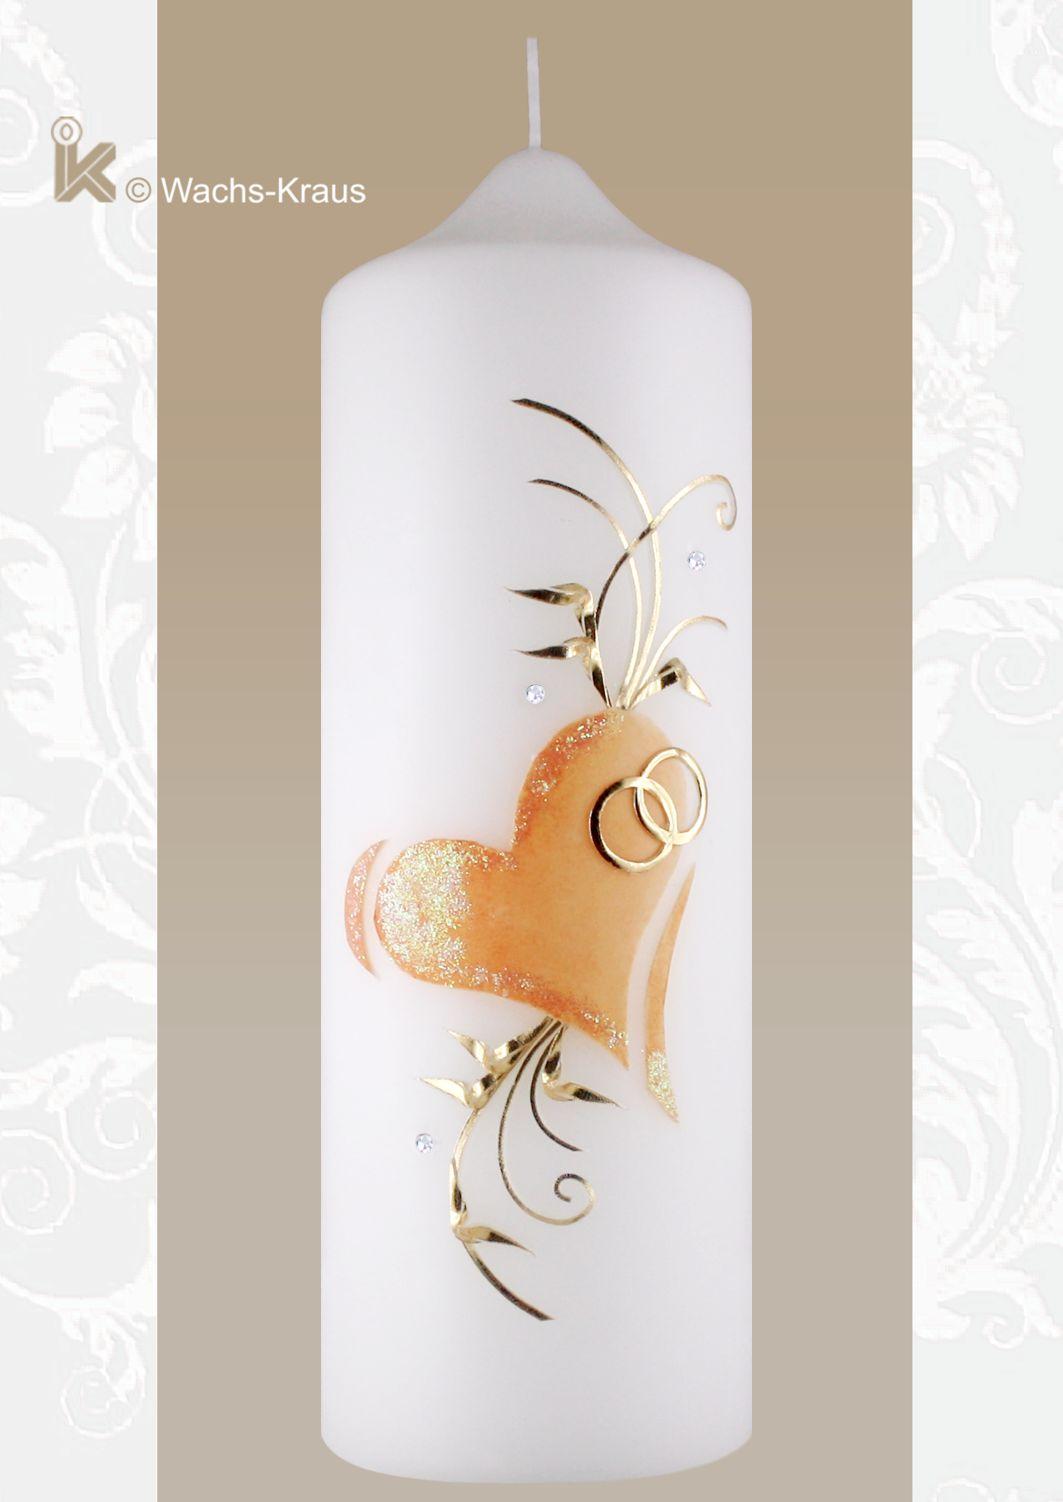 Hochzeitskerze mit apricotfarbenem Kreuz und goldener Verzierung